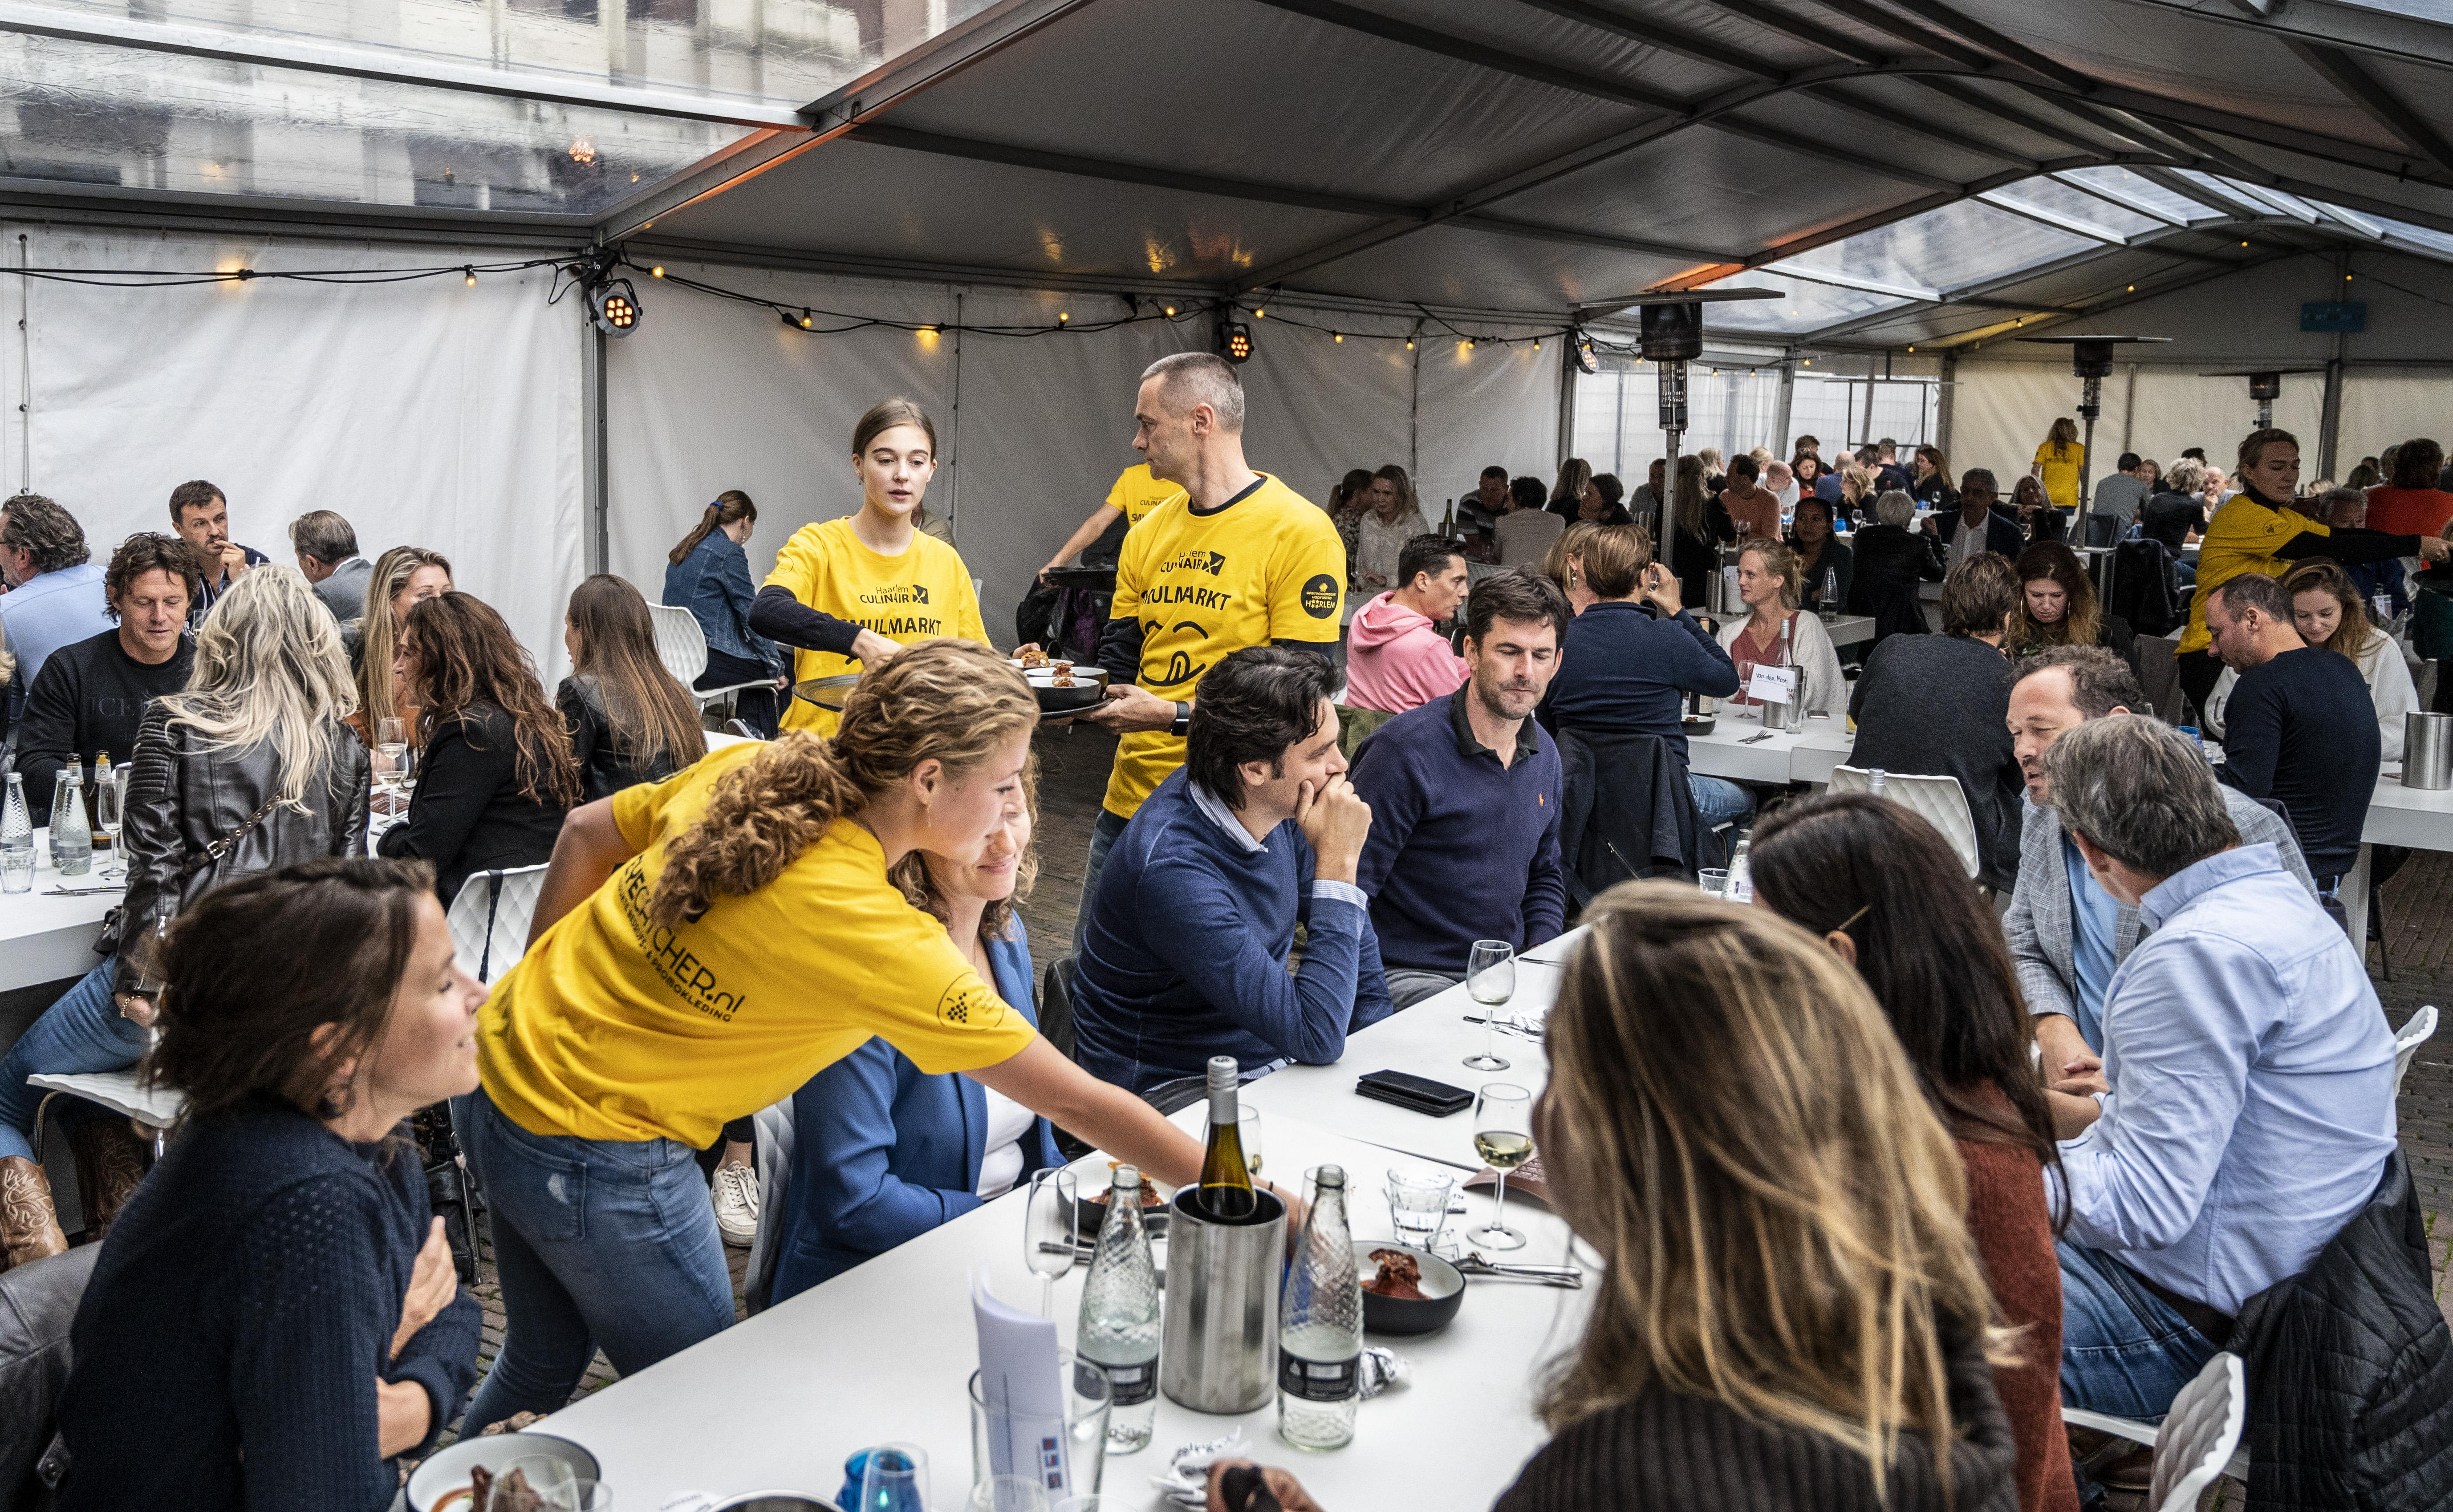 Aangepast culinair smulfeest op Grote Markt: 'Troostrijk en feestelijk tegelijk'